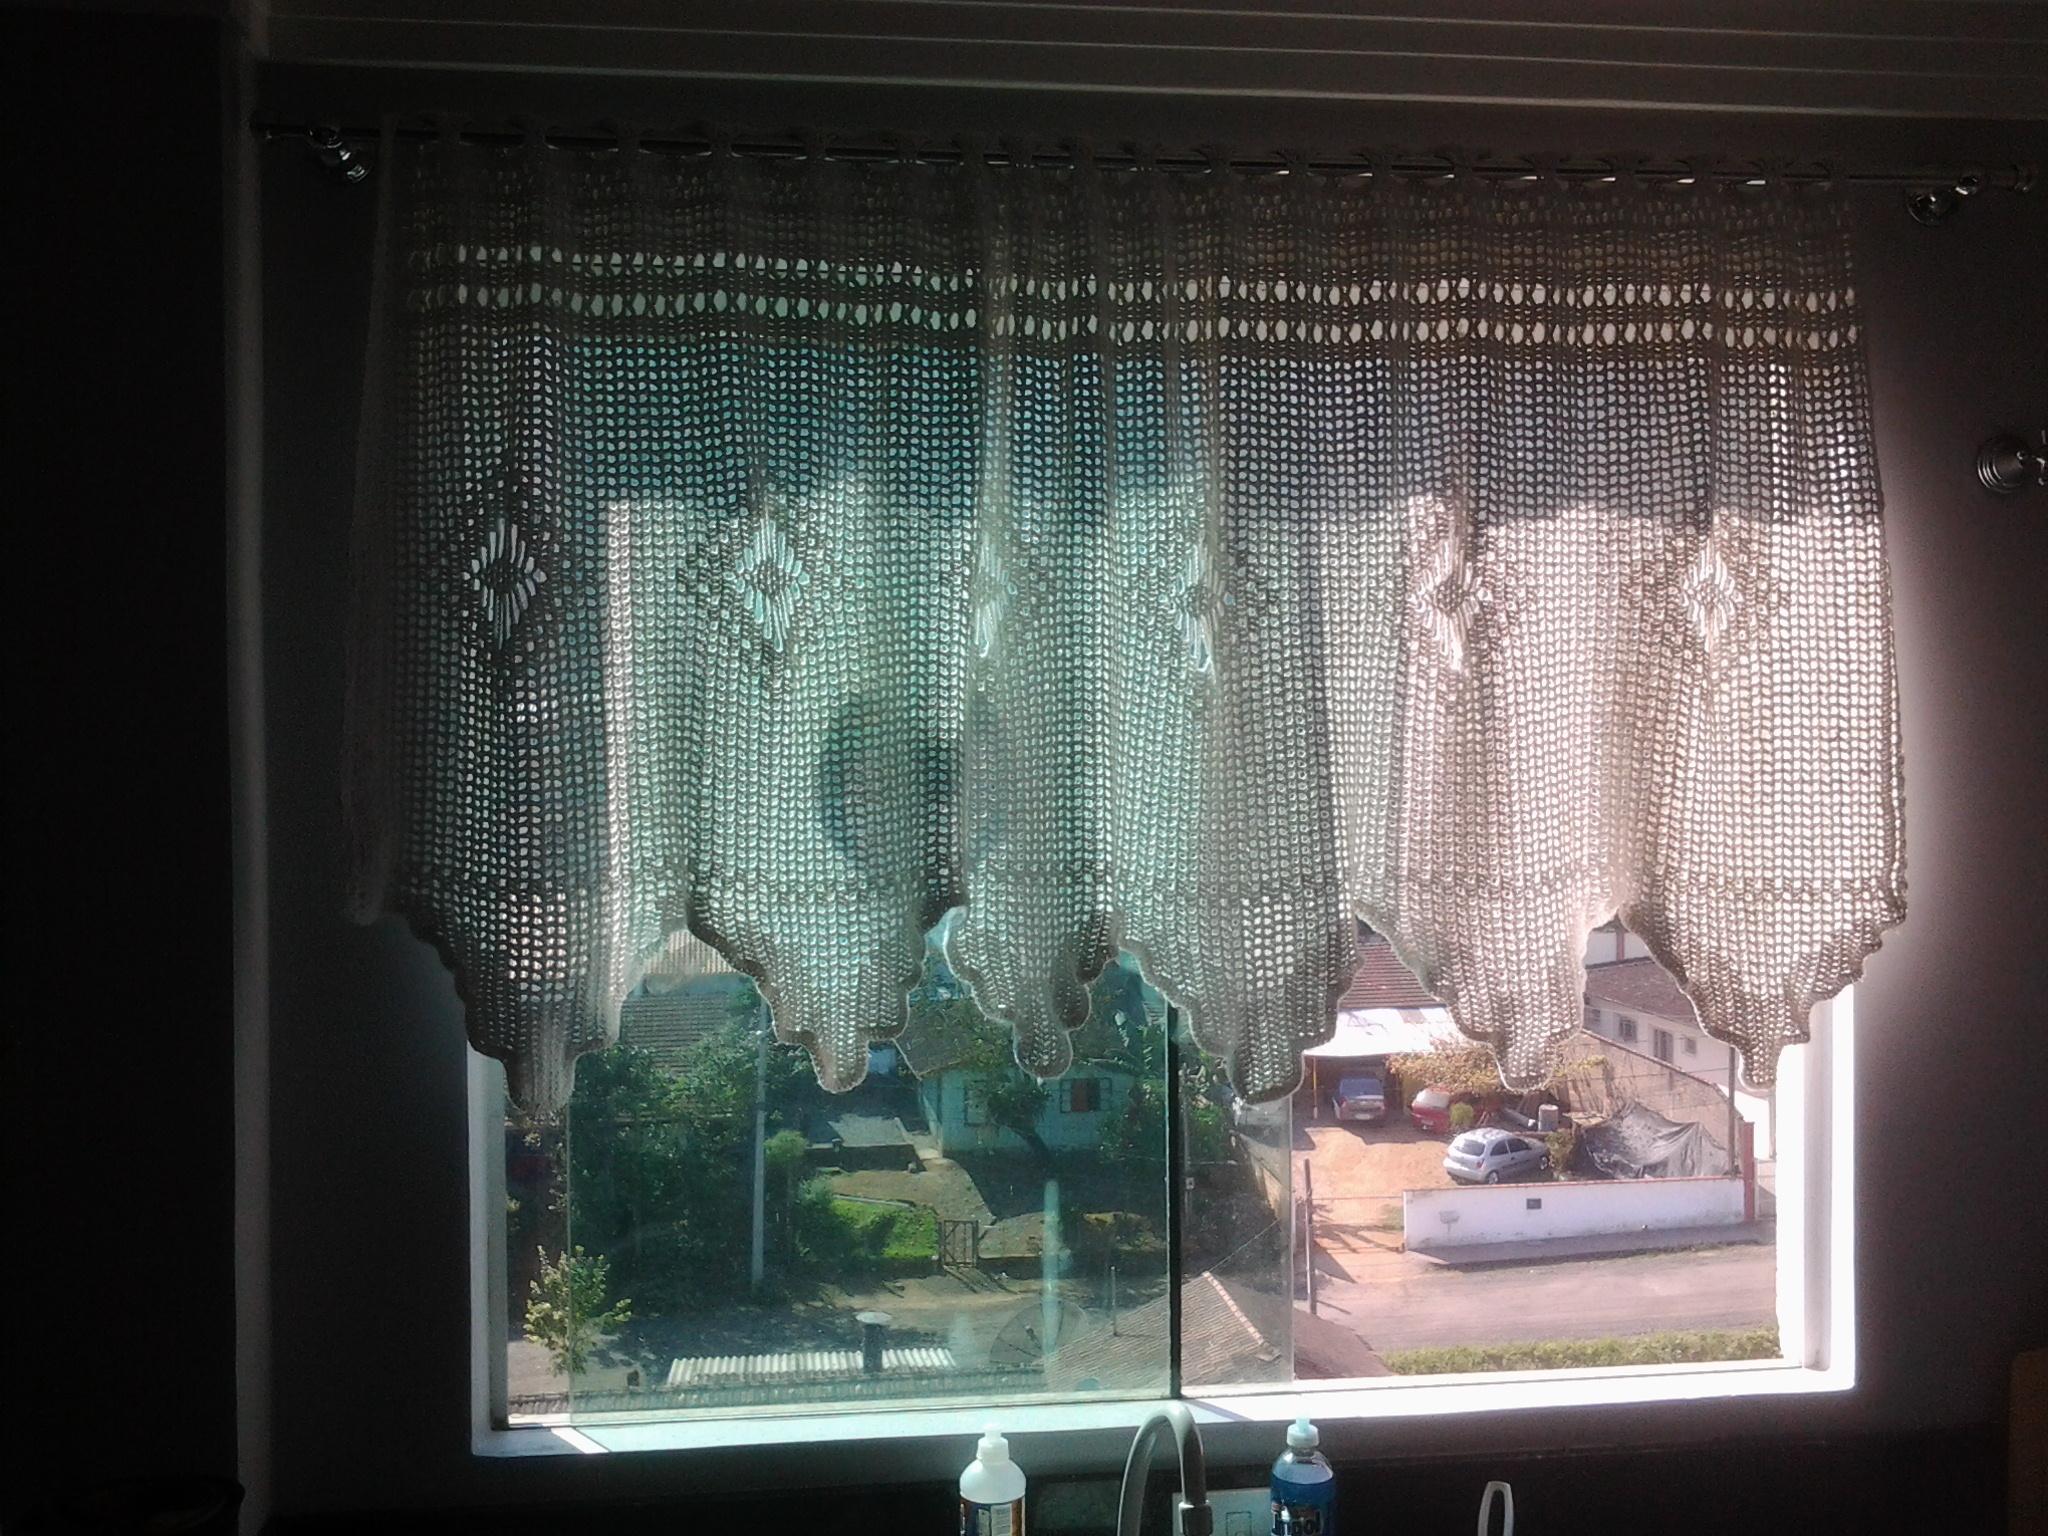 Cortina de crochê altura meia janela Sonho de Casa Elo7 #795E52 2048x1536 Altura Minima Janela Banheiro